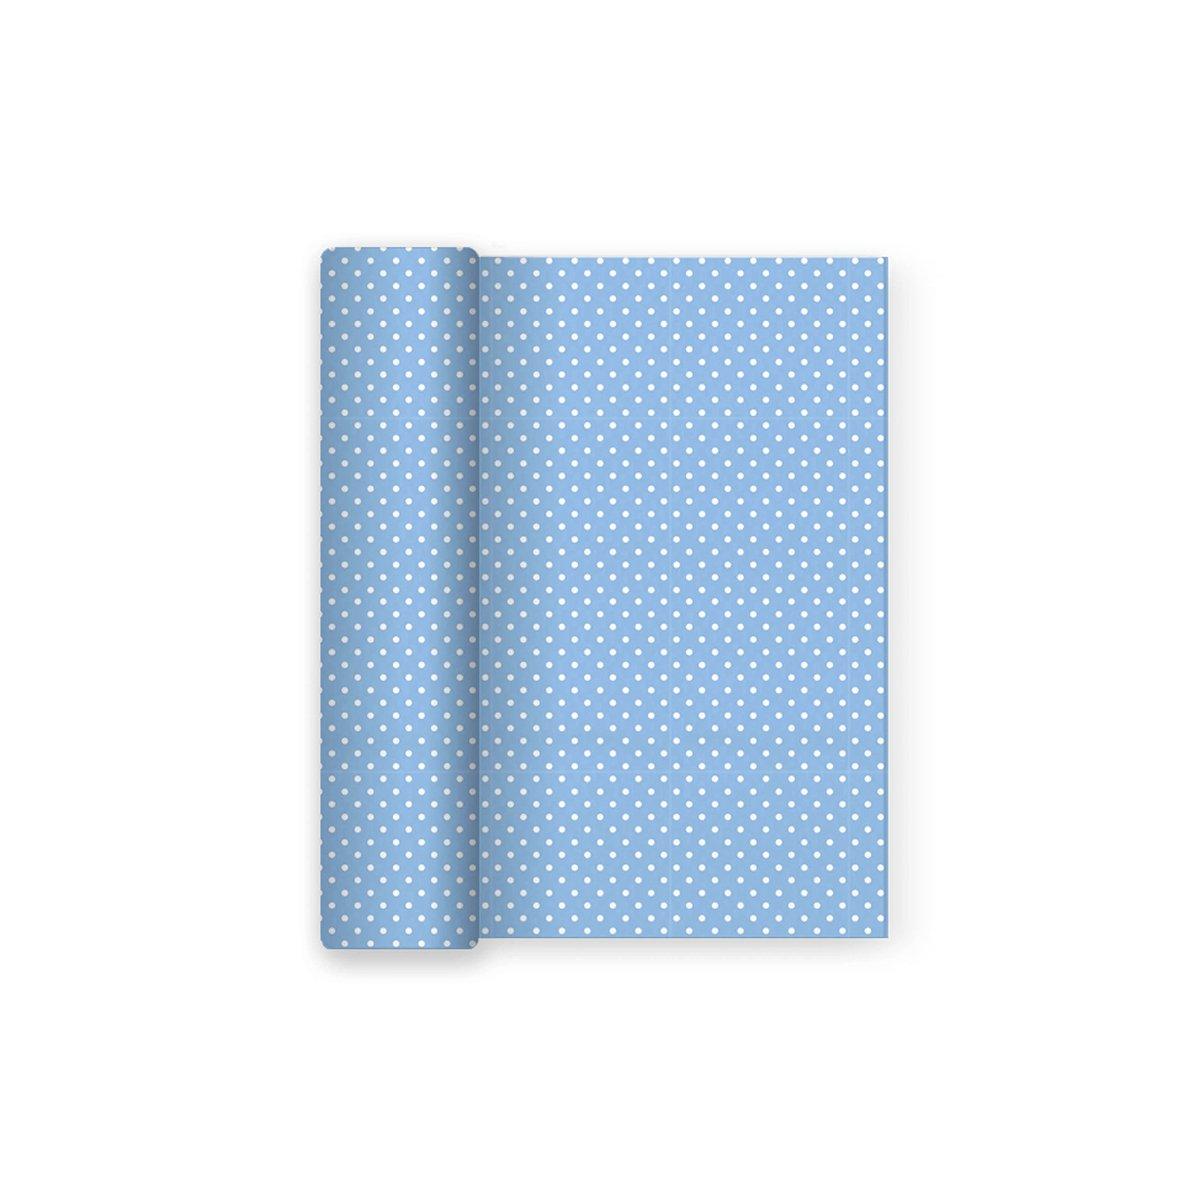 Mantel de papel para fiesta con decorado de Lunares Azul Baby - Ideal para fiestas infantiles, baby shower, comuniones o bautizos - 1,2 x 5 m: Amazon.es: ...